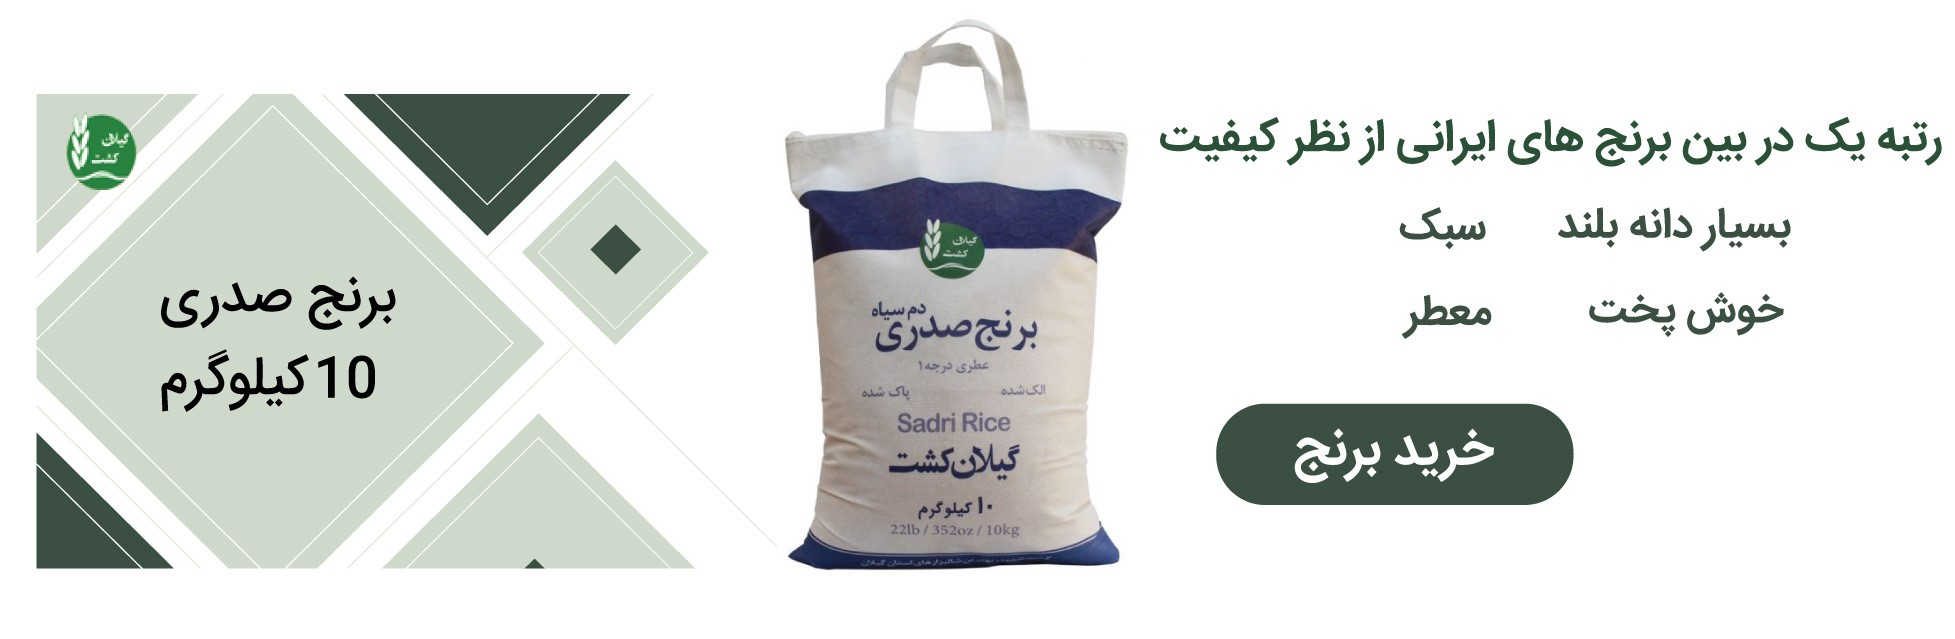 خرید برنج صدری درجه 1   گیلان کشت